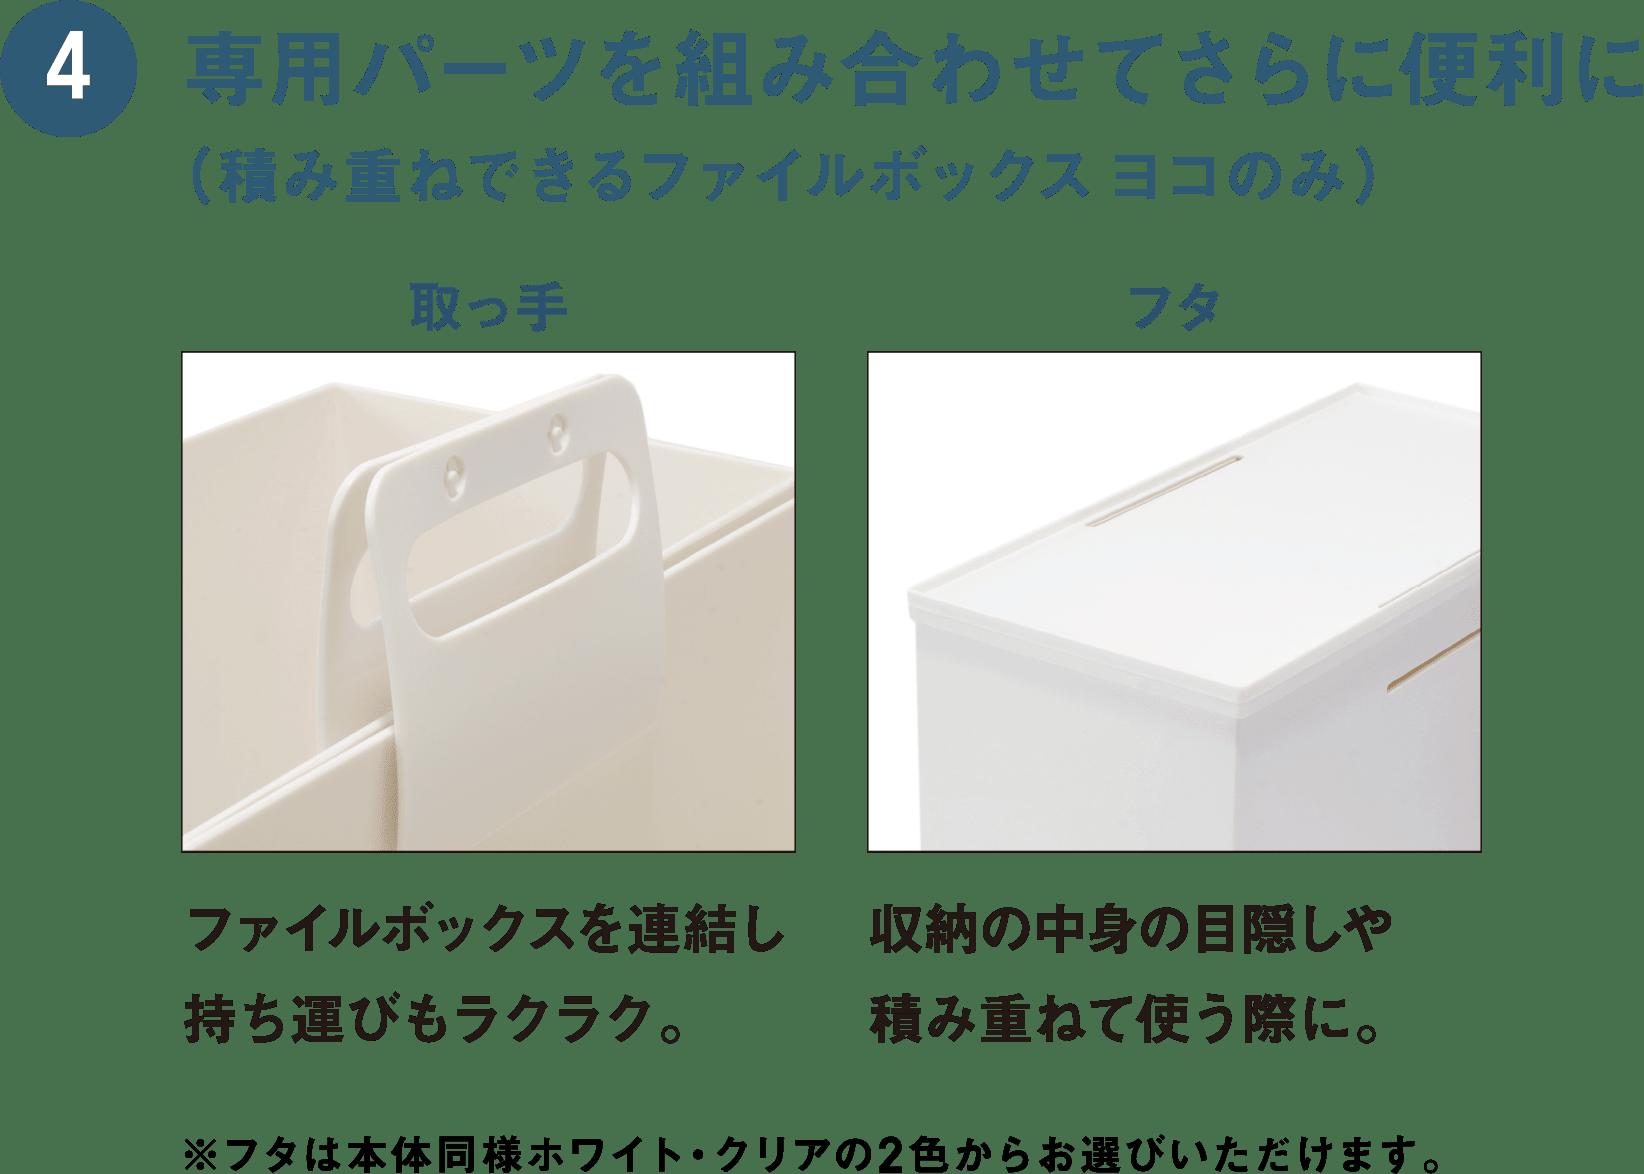 4 専用パーツを組み合わせてさらに便利に(積み重ねできるファイルボックスヨコのみ) 取っ手:ファイルボックスを連結し持ち運びもラクラク。 フタ:収納の中身の目隠しや積み重ねて使う際に。 ※フタは本体同様ホワイト・クリアの2色からお選びいただけます。